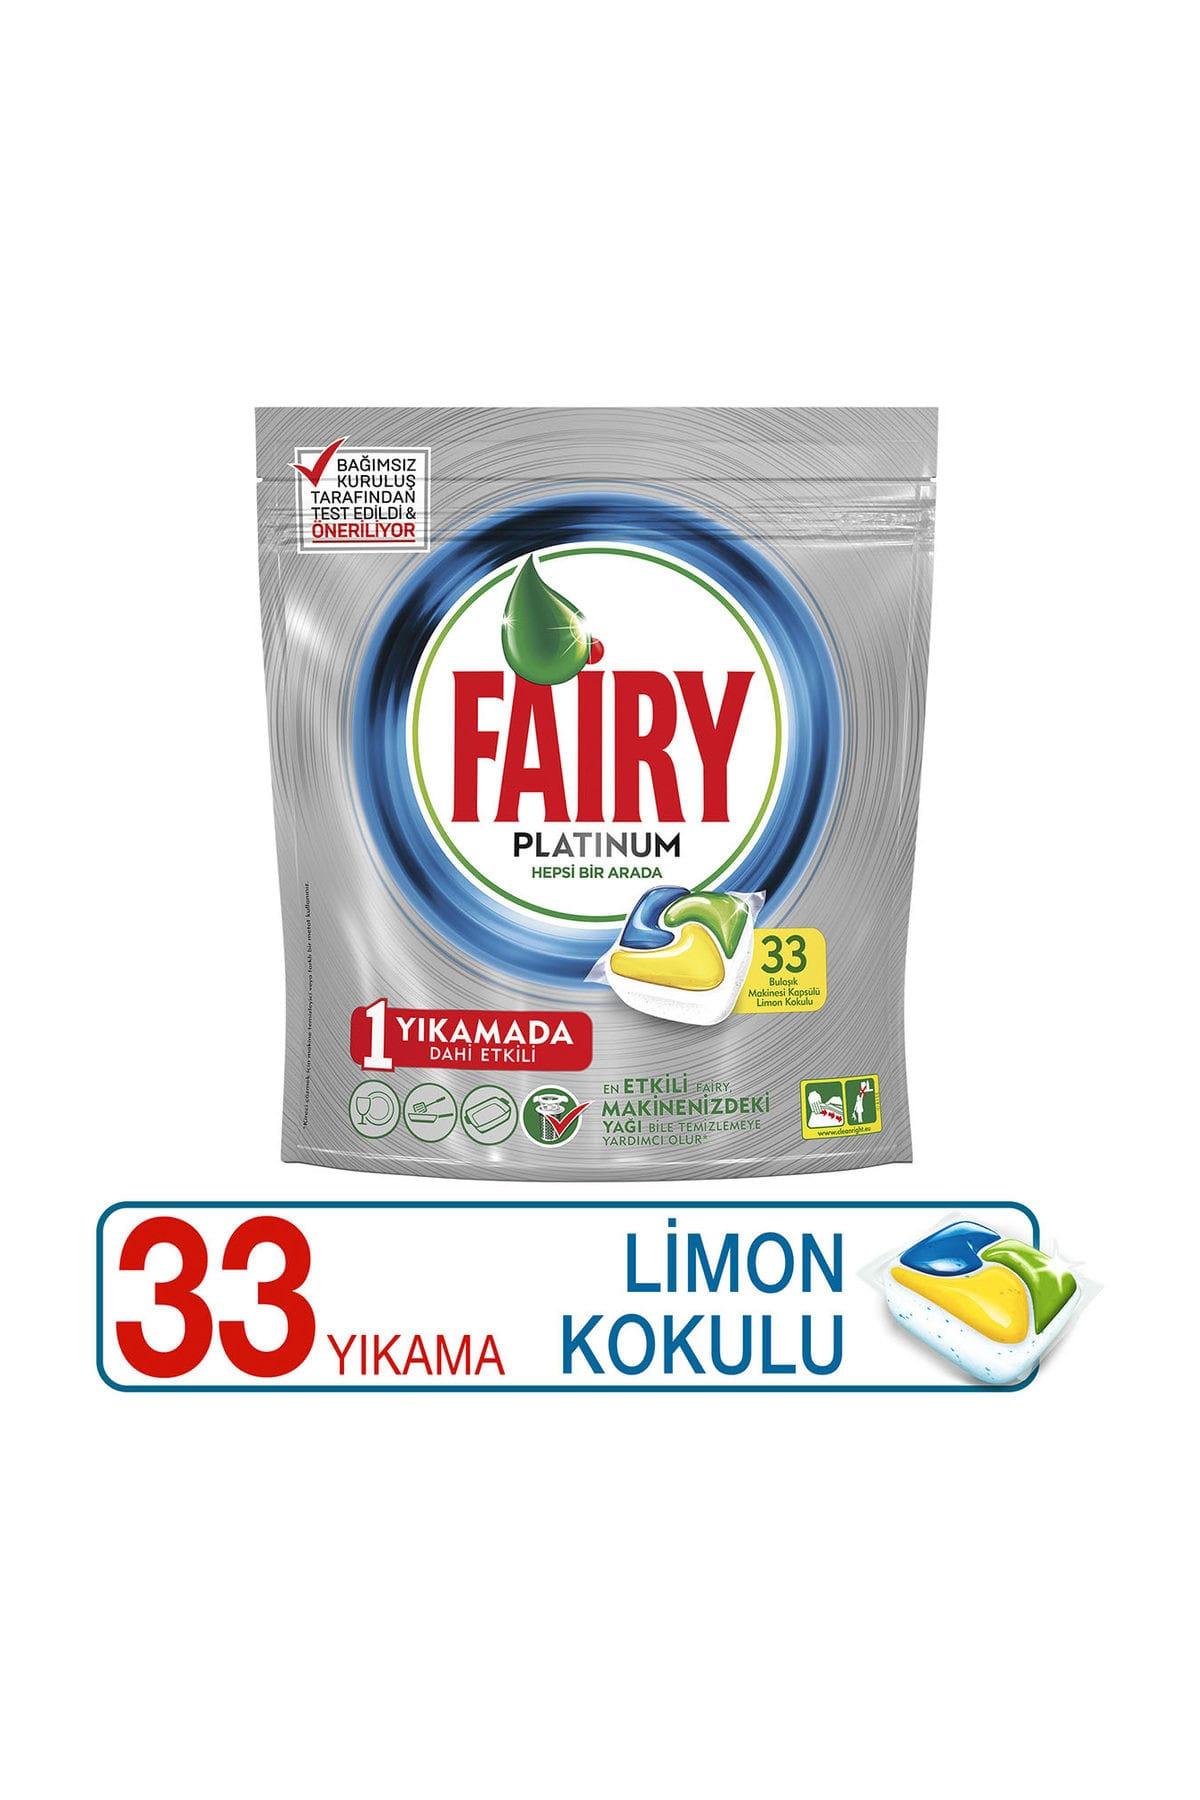 Fairy Bulaşık Makinesi Deterjanı Kapsülü Platinum Limon Kokulu 33 Yıkama 1